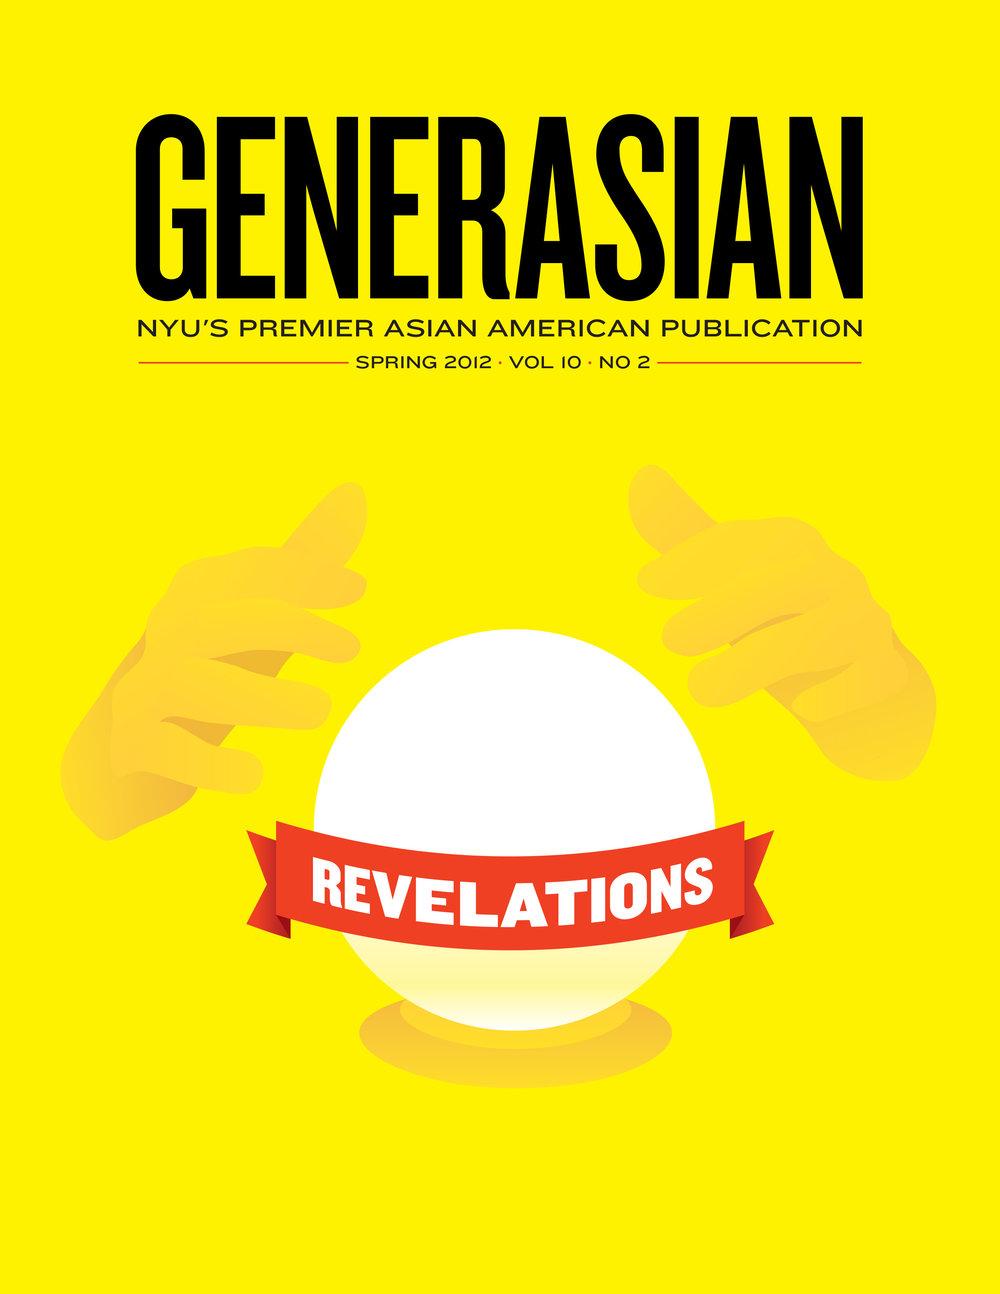 Generasian-Sample-Covers-2.jpg